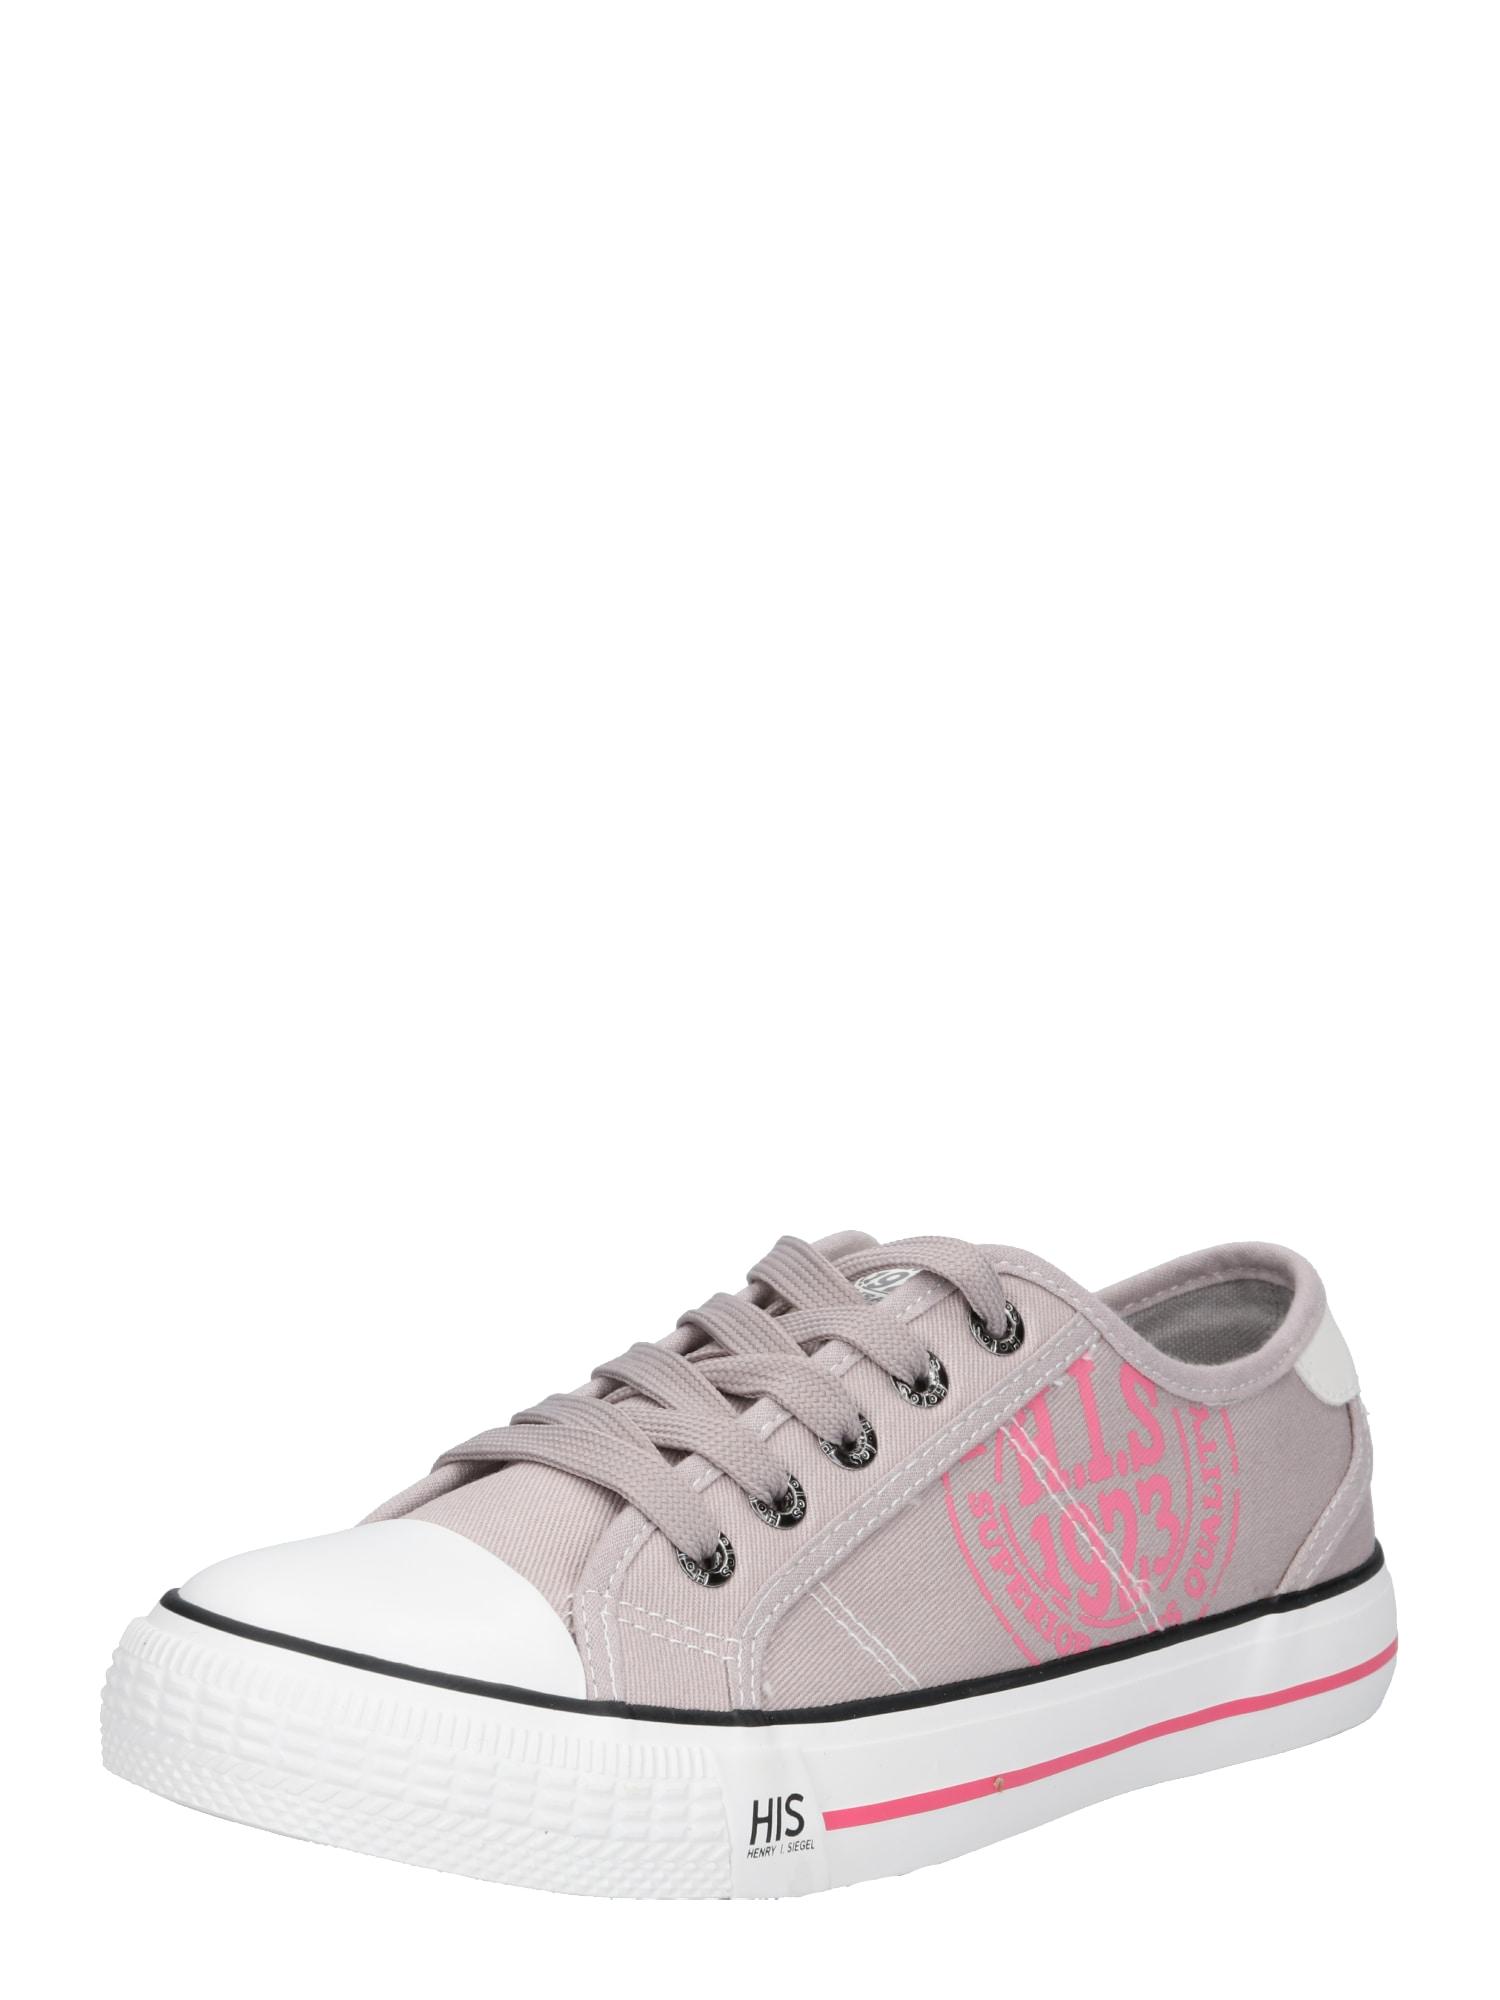 Tenisky světle šedá pink H.I.S